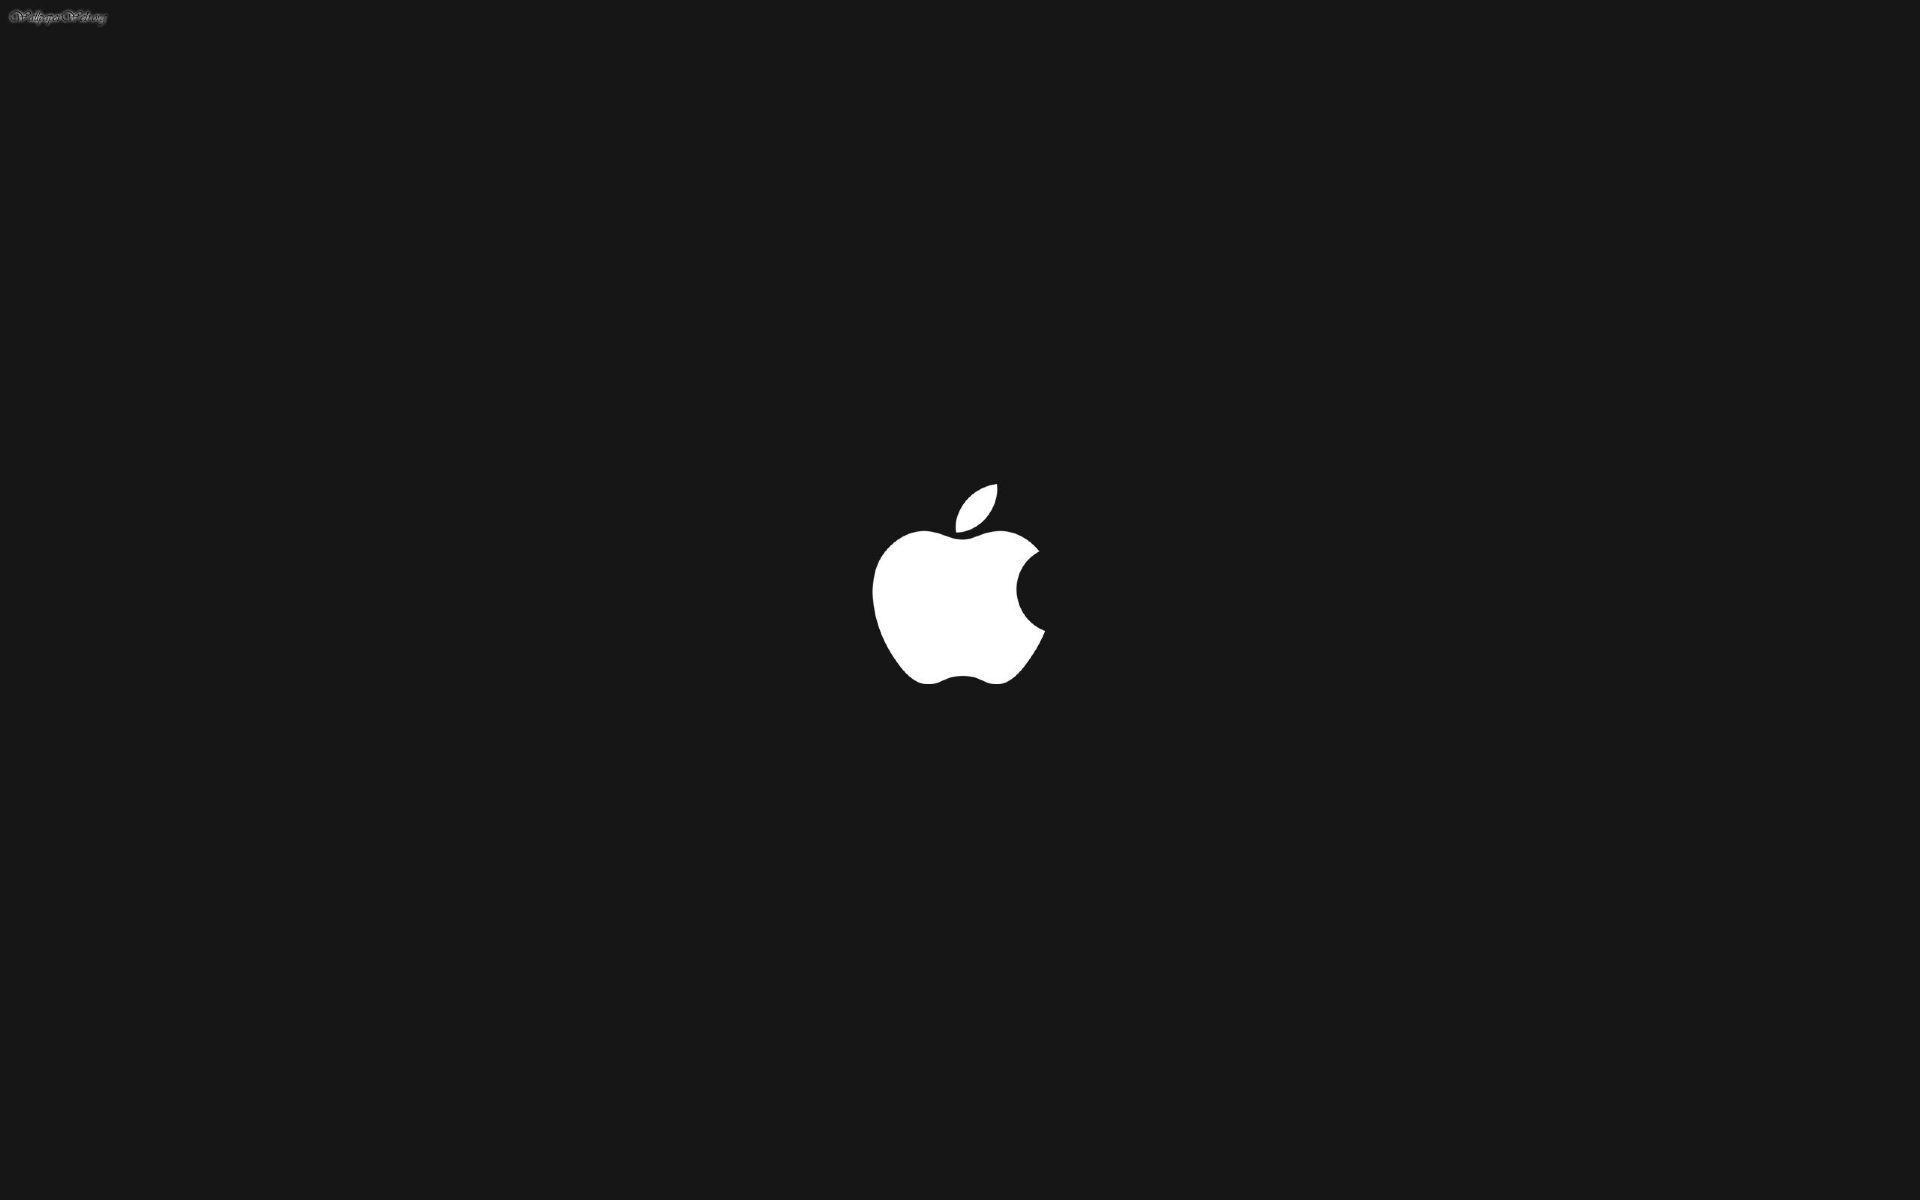 Black White Apple Logo Wallpaper